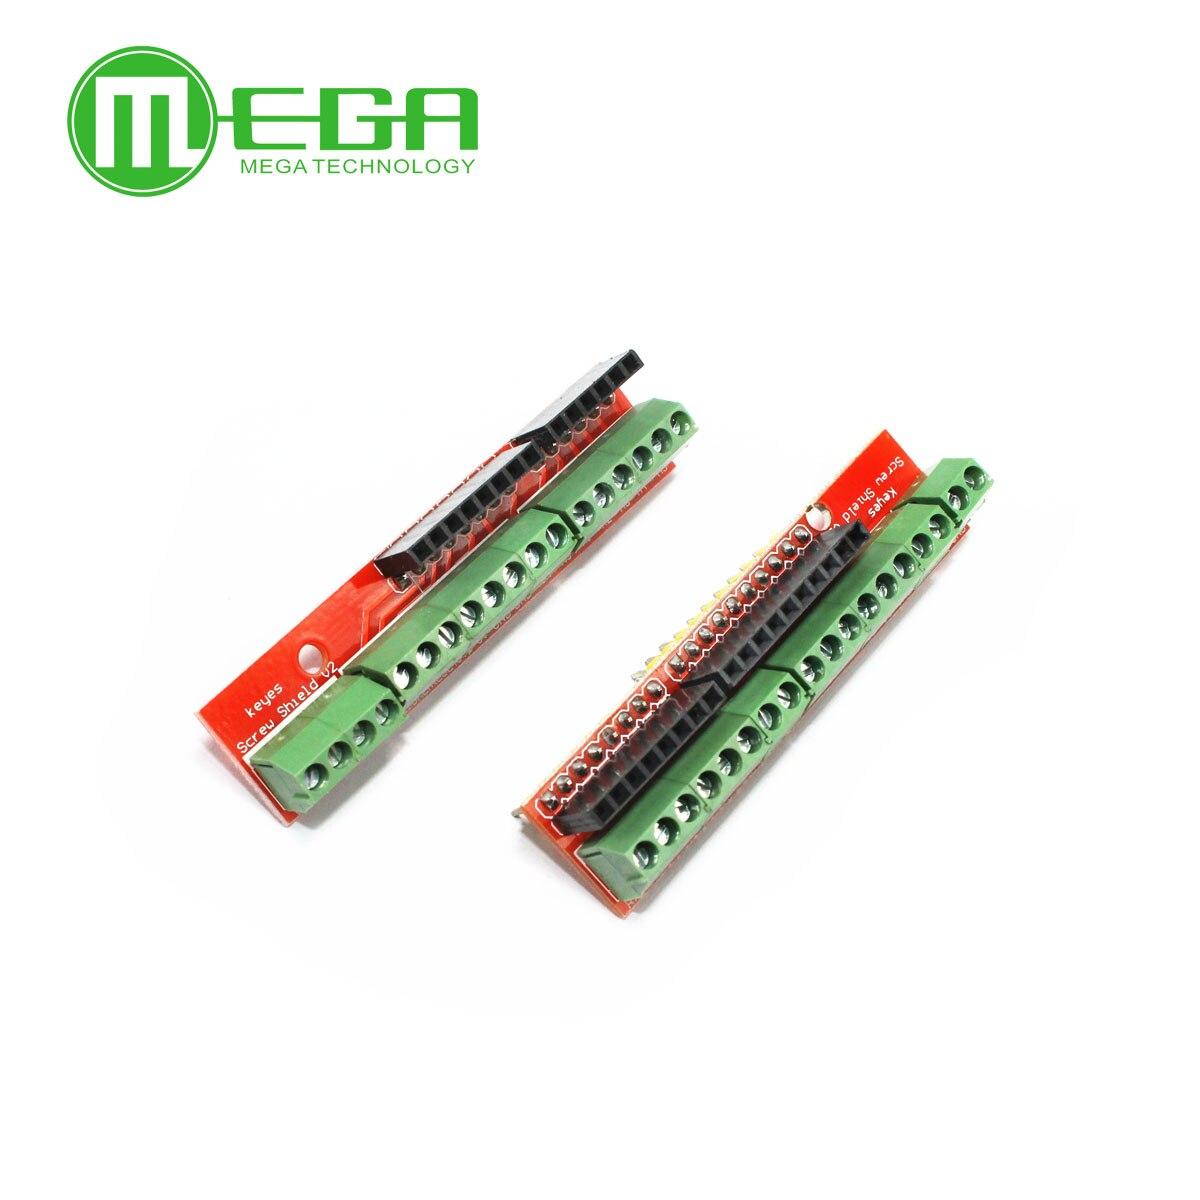 Винтовой щит V2 шпилька Расширительная плата (двойная поддержка) для arduino UNO R3